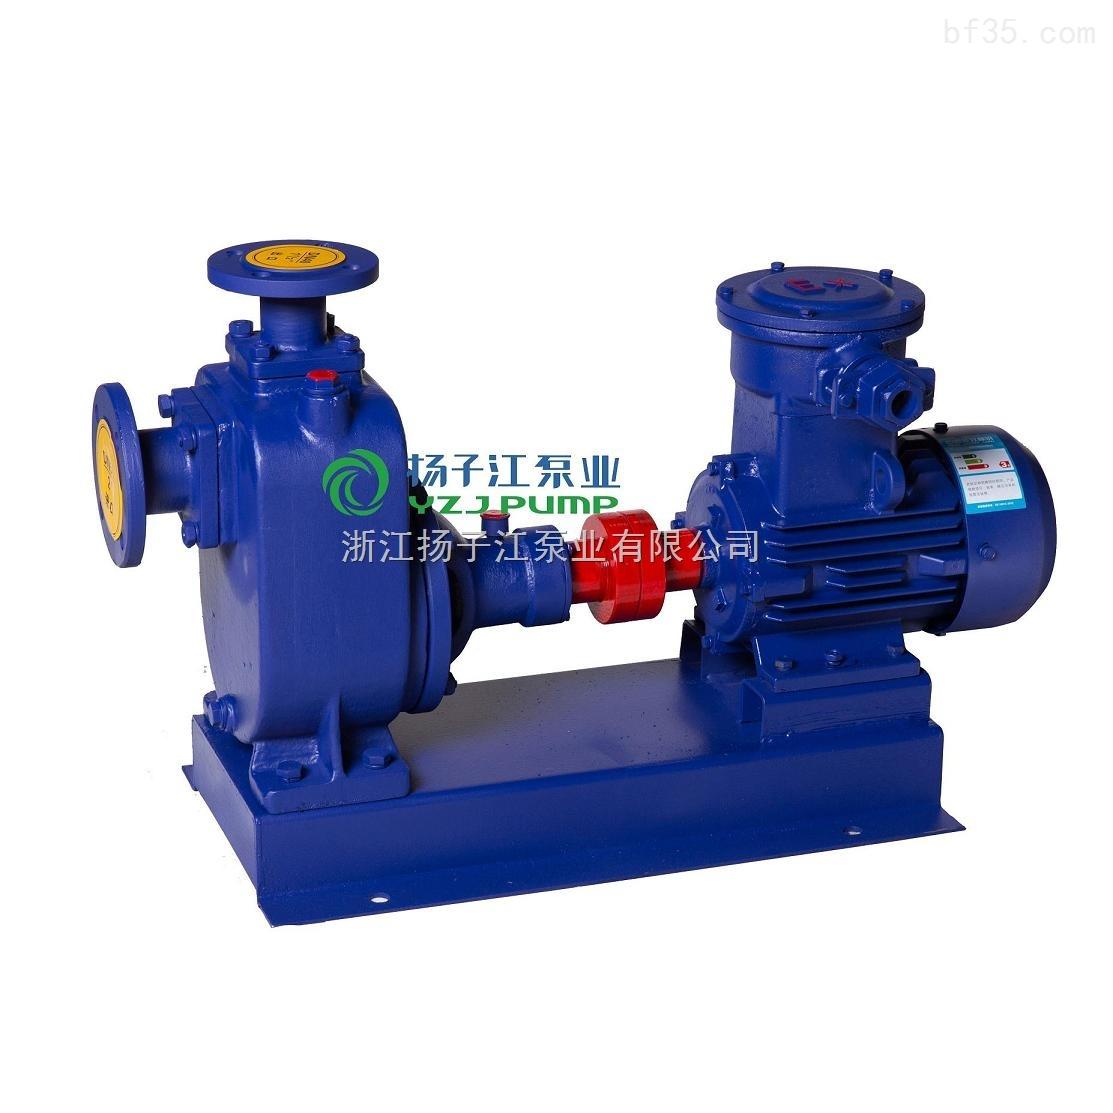 耐腐蚀移动自吸泵,强耐腐蚀自吸泵,zx自吸排污泵